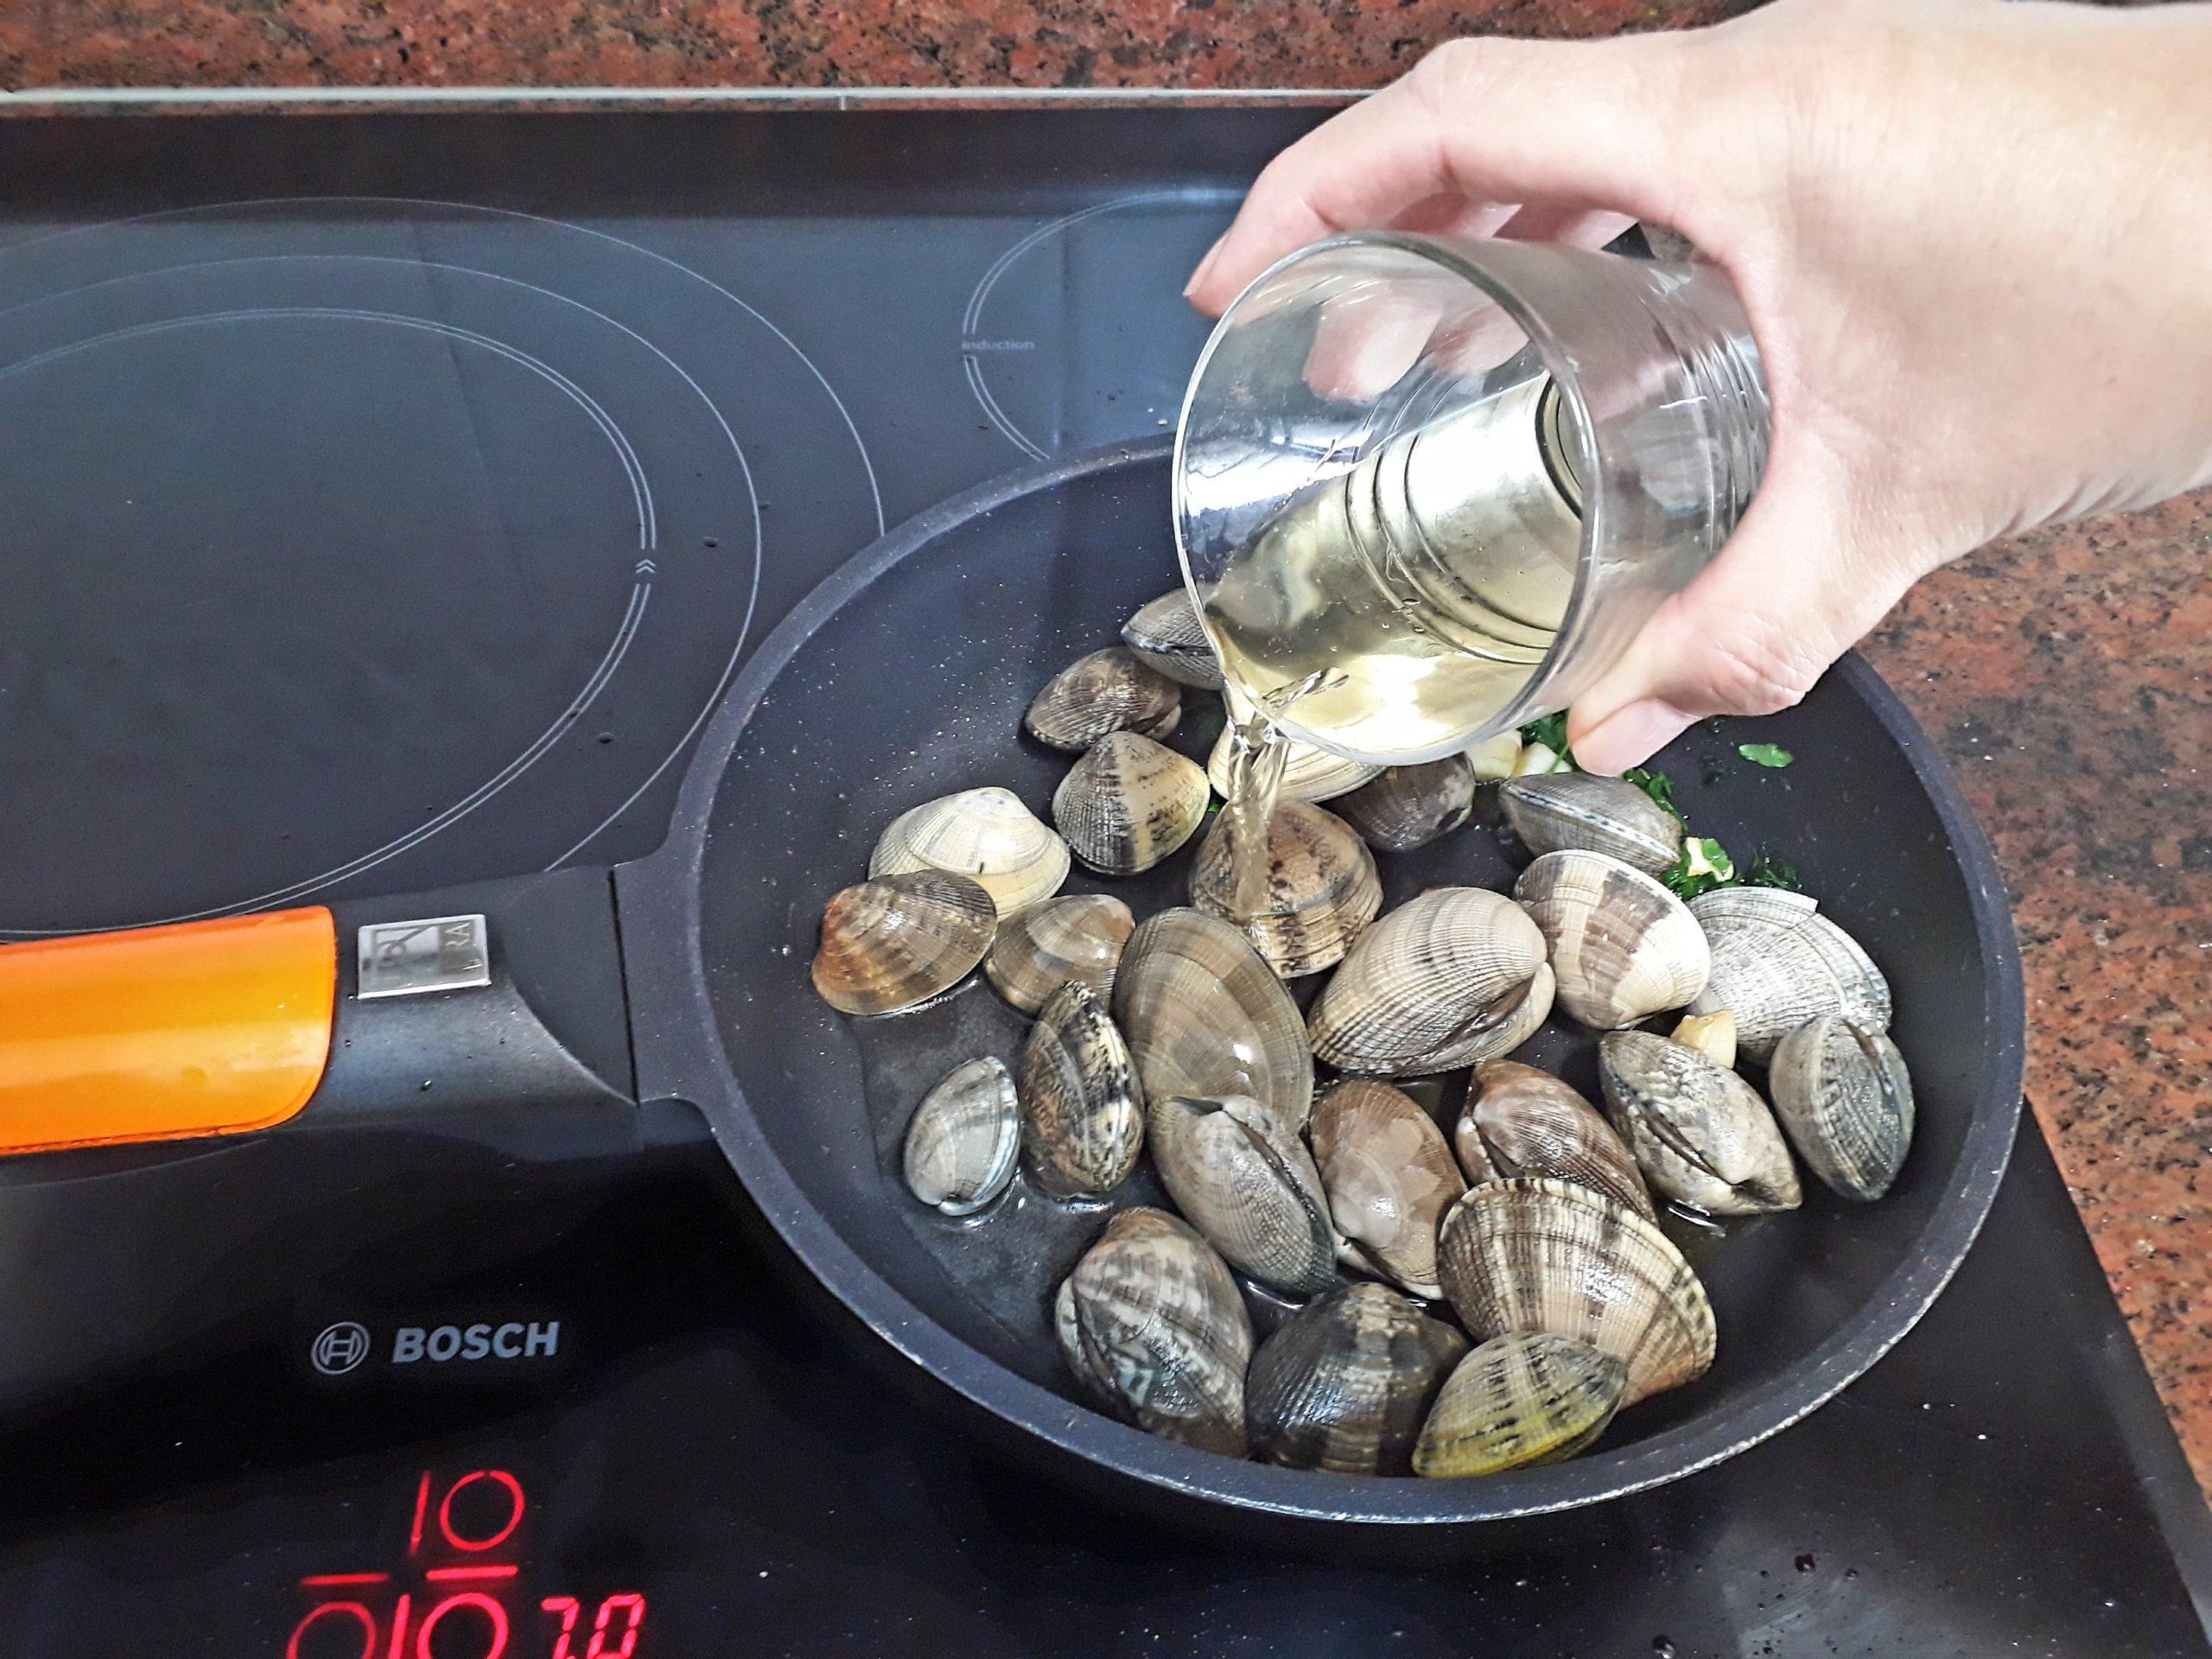 Añadiéndole el vino blanco a las almejas